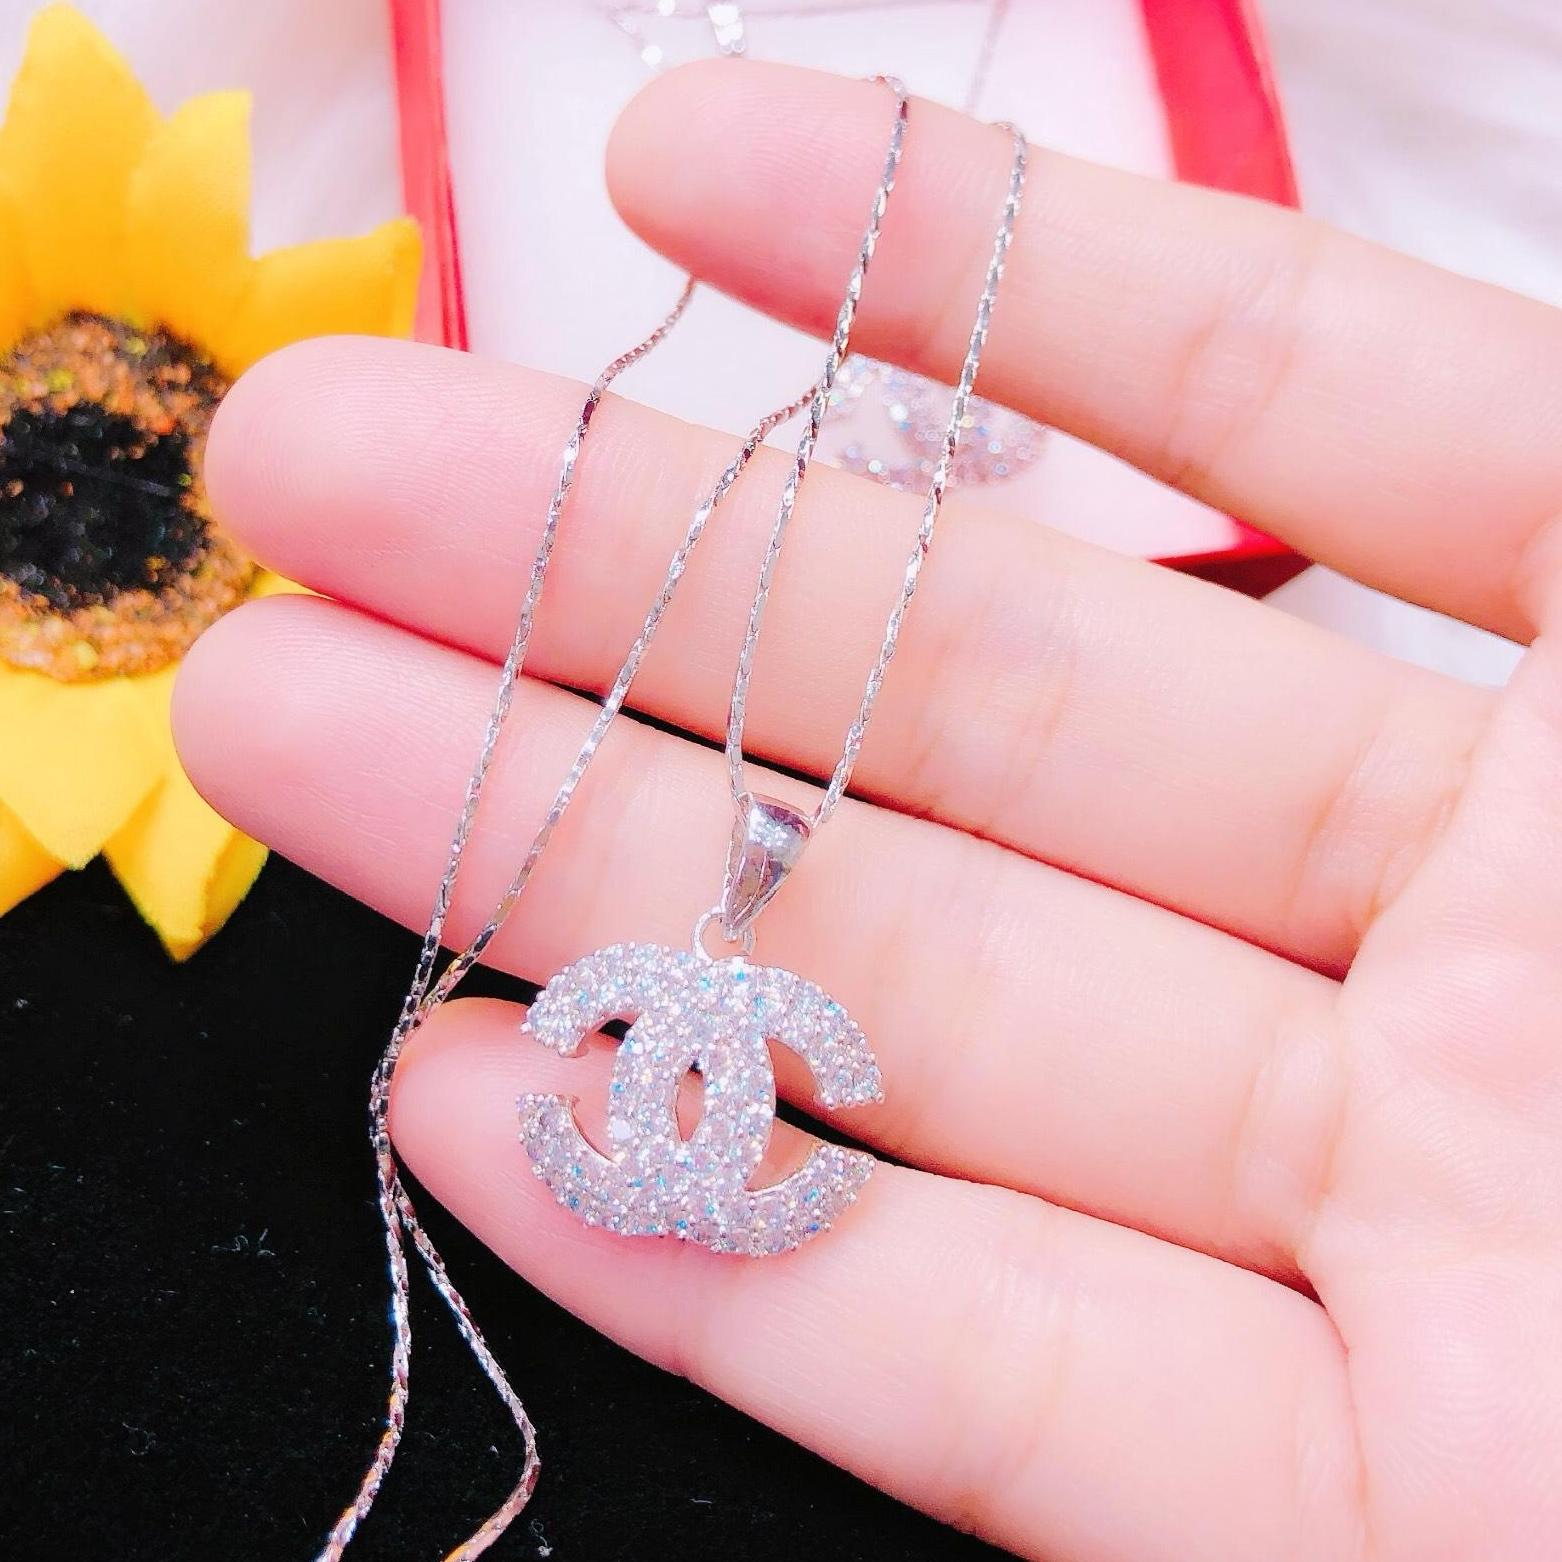 Dây chuyền nữ vàng không phai màu Midoshop VD21041905 - đeo đi đám cưới vô cùng quý phái